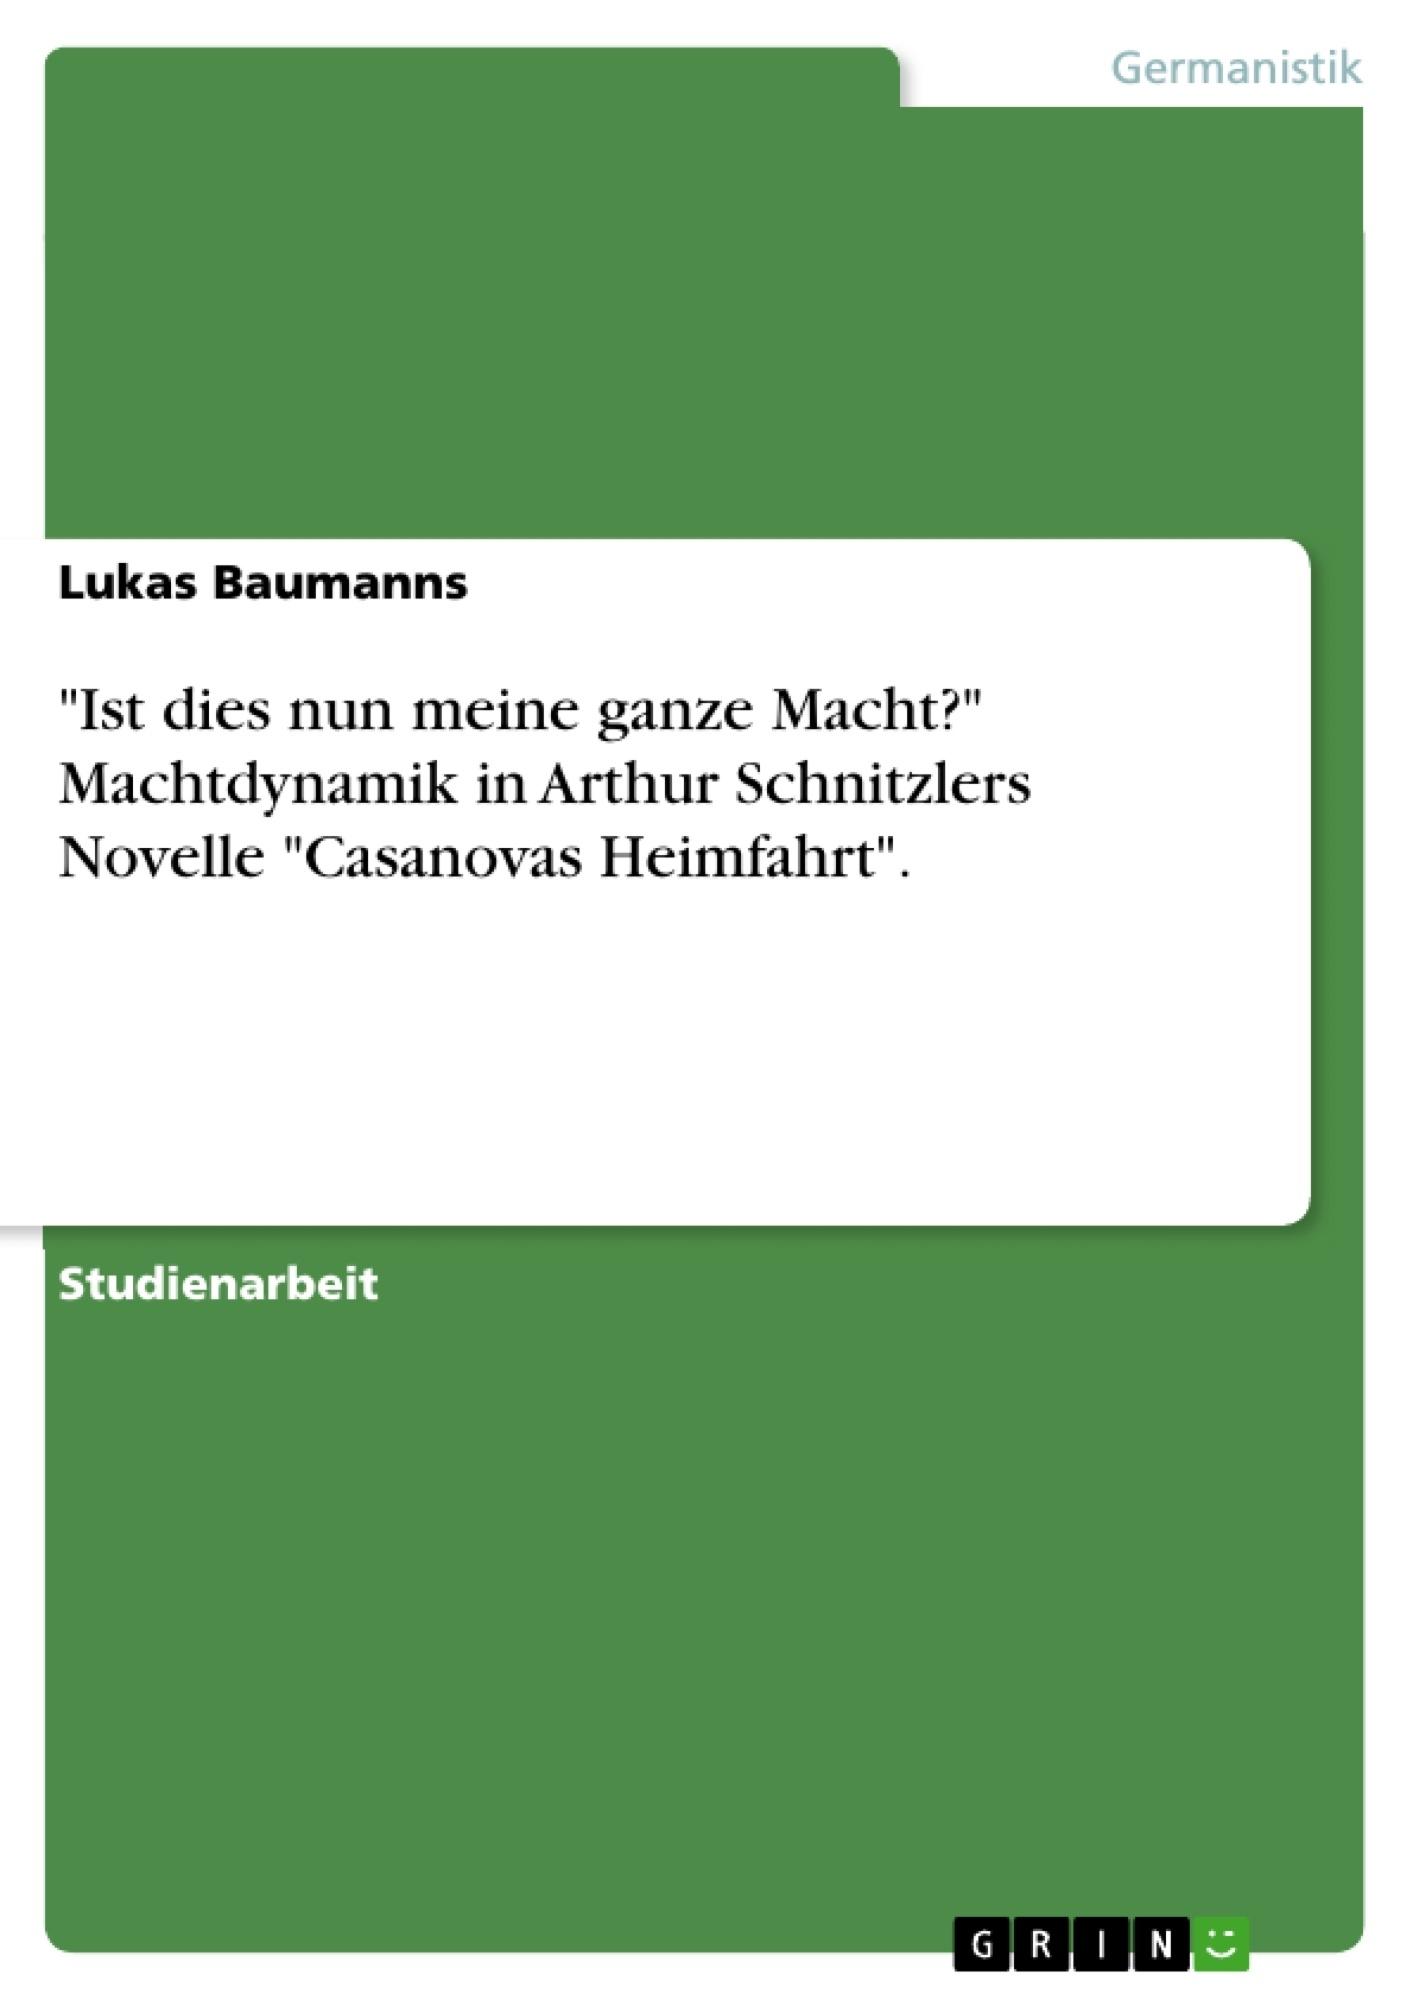 """Titel: """"Ist dies nun meine ganze Macht?"""" Machtdynamik in Arthur Schnitzlers Novelle """"Casanovas Heimfahrt""""."""